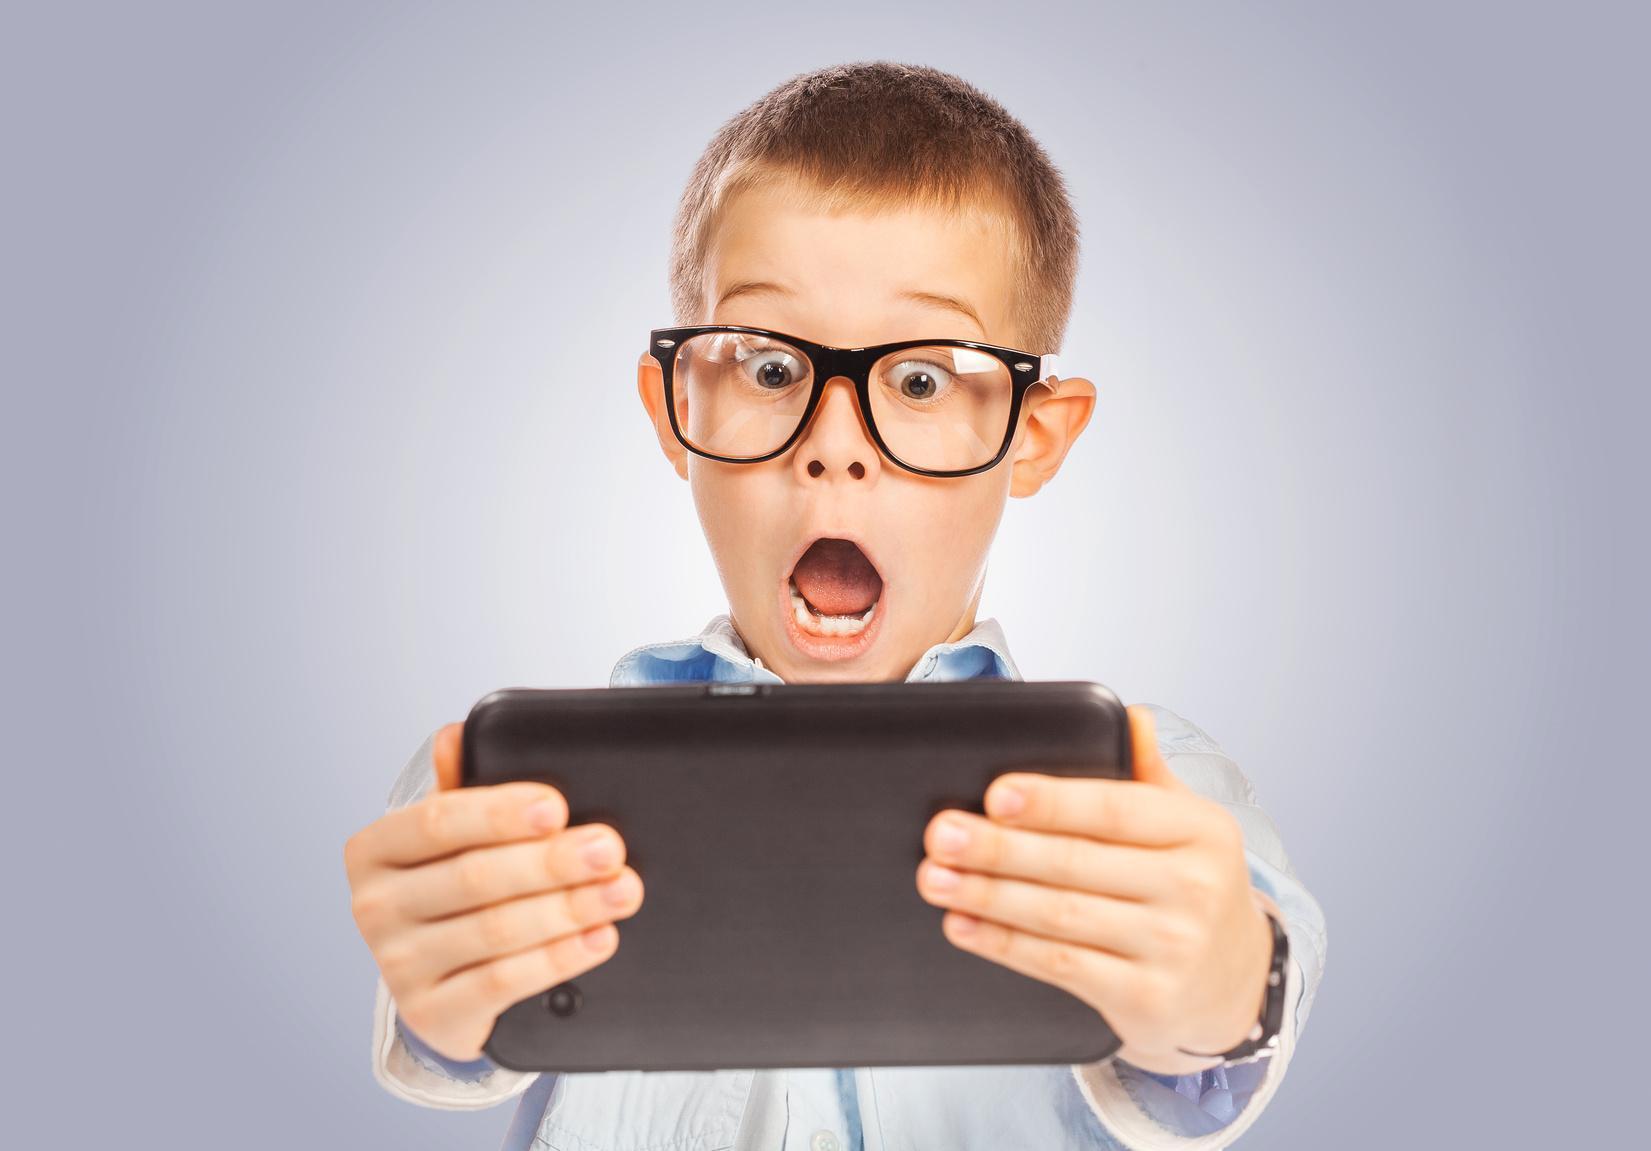 Безопасность детей в интернете. Как защитить своего ребенка